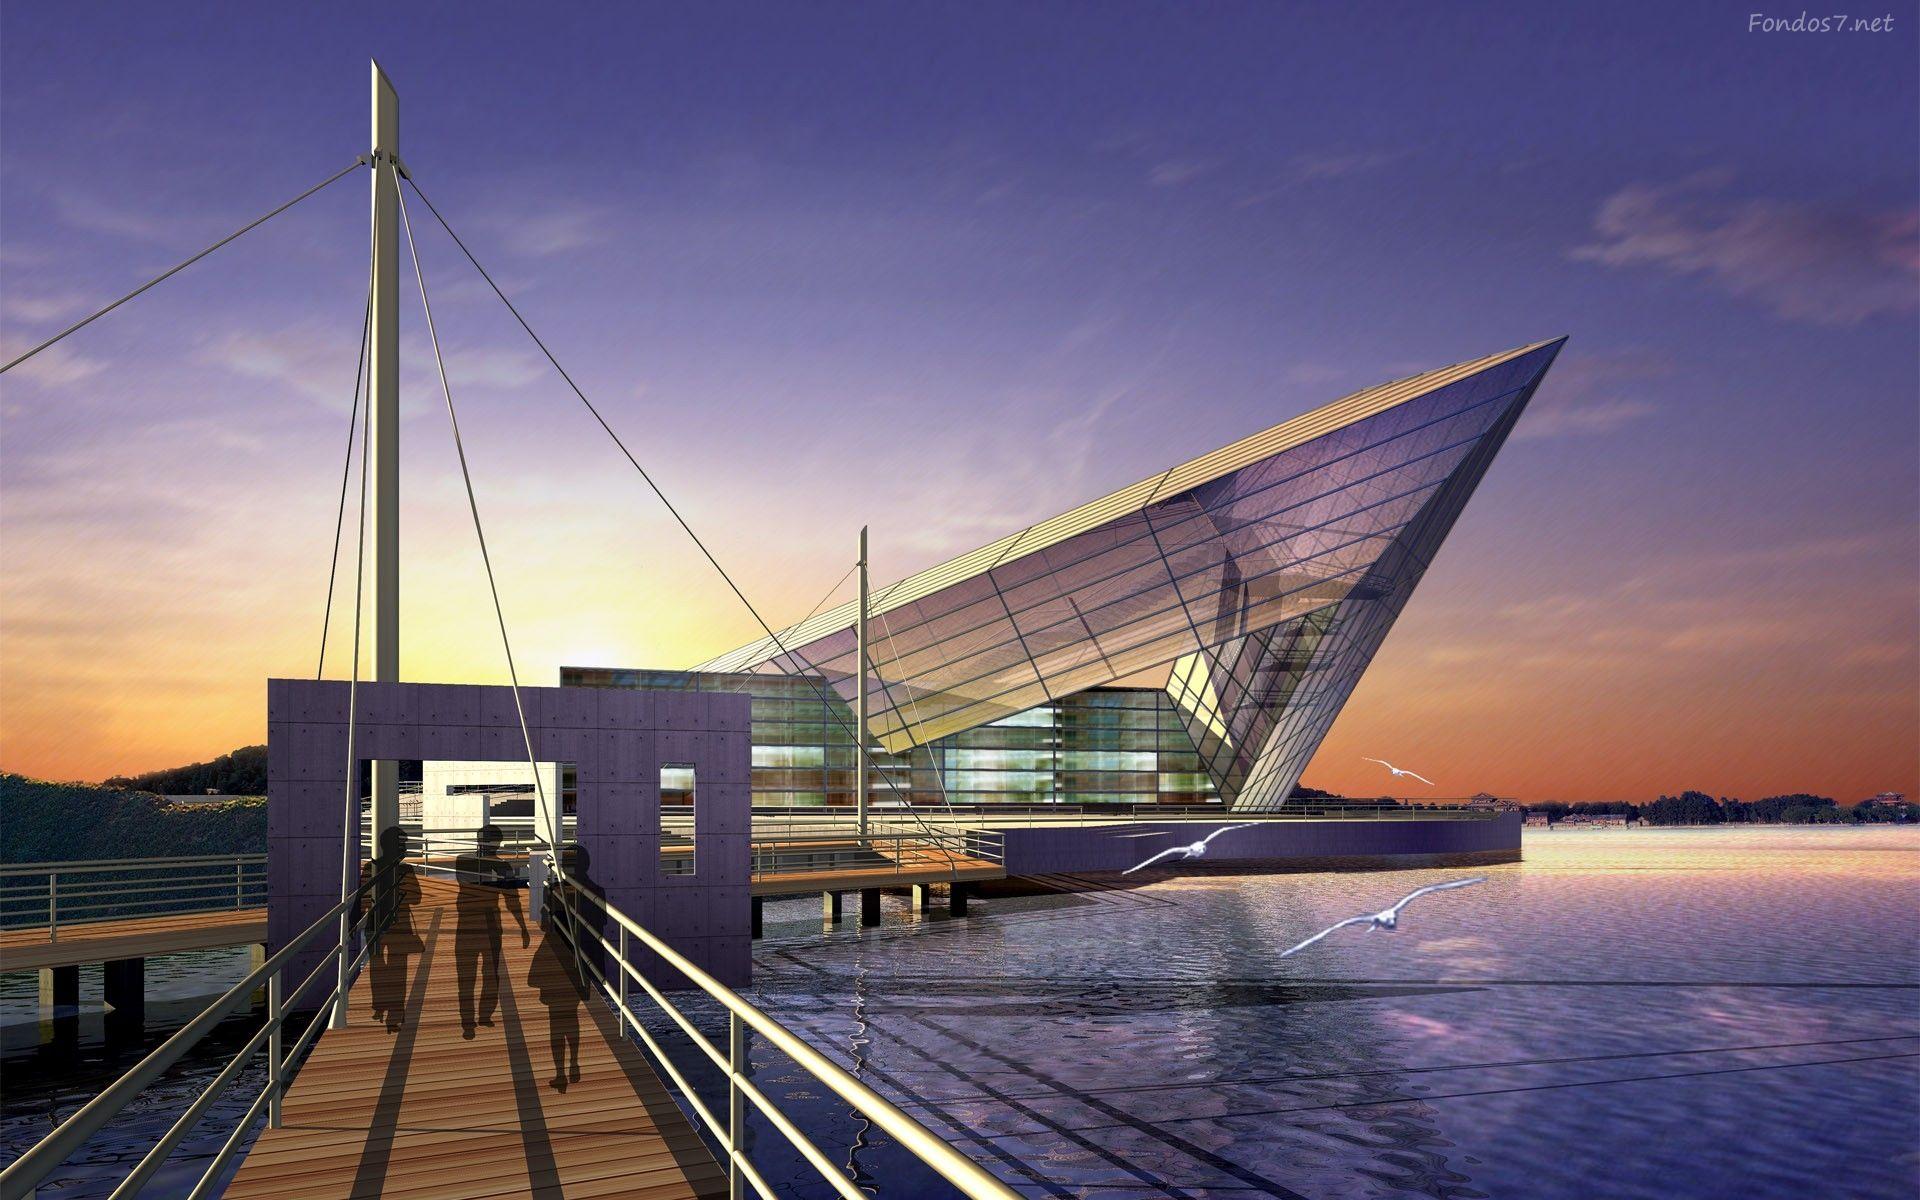 Descargar Fondos De Pantalla Arquitectura 3d Hd Widescreen Gratis